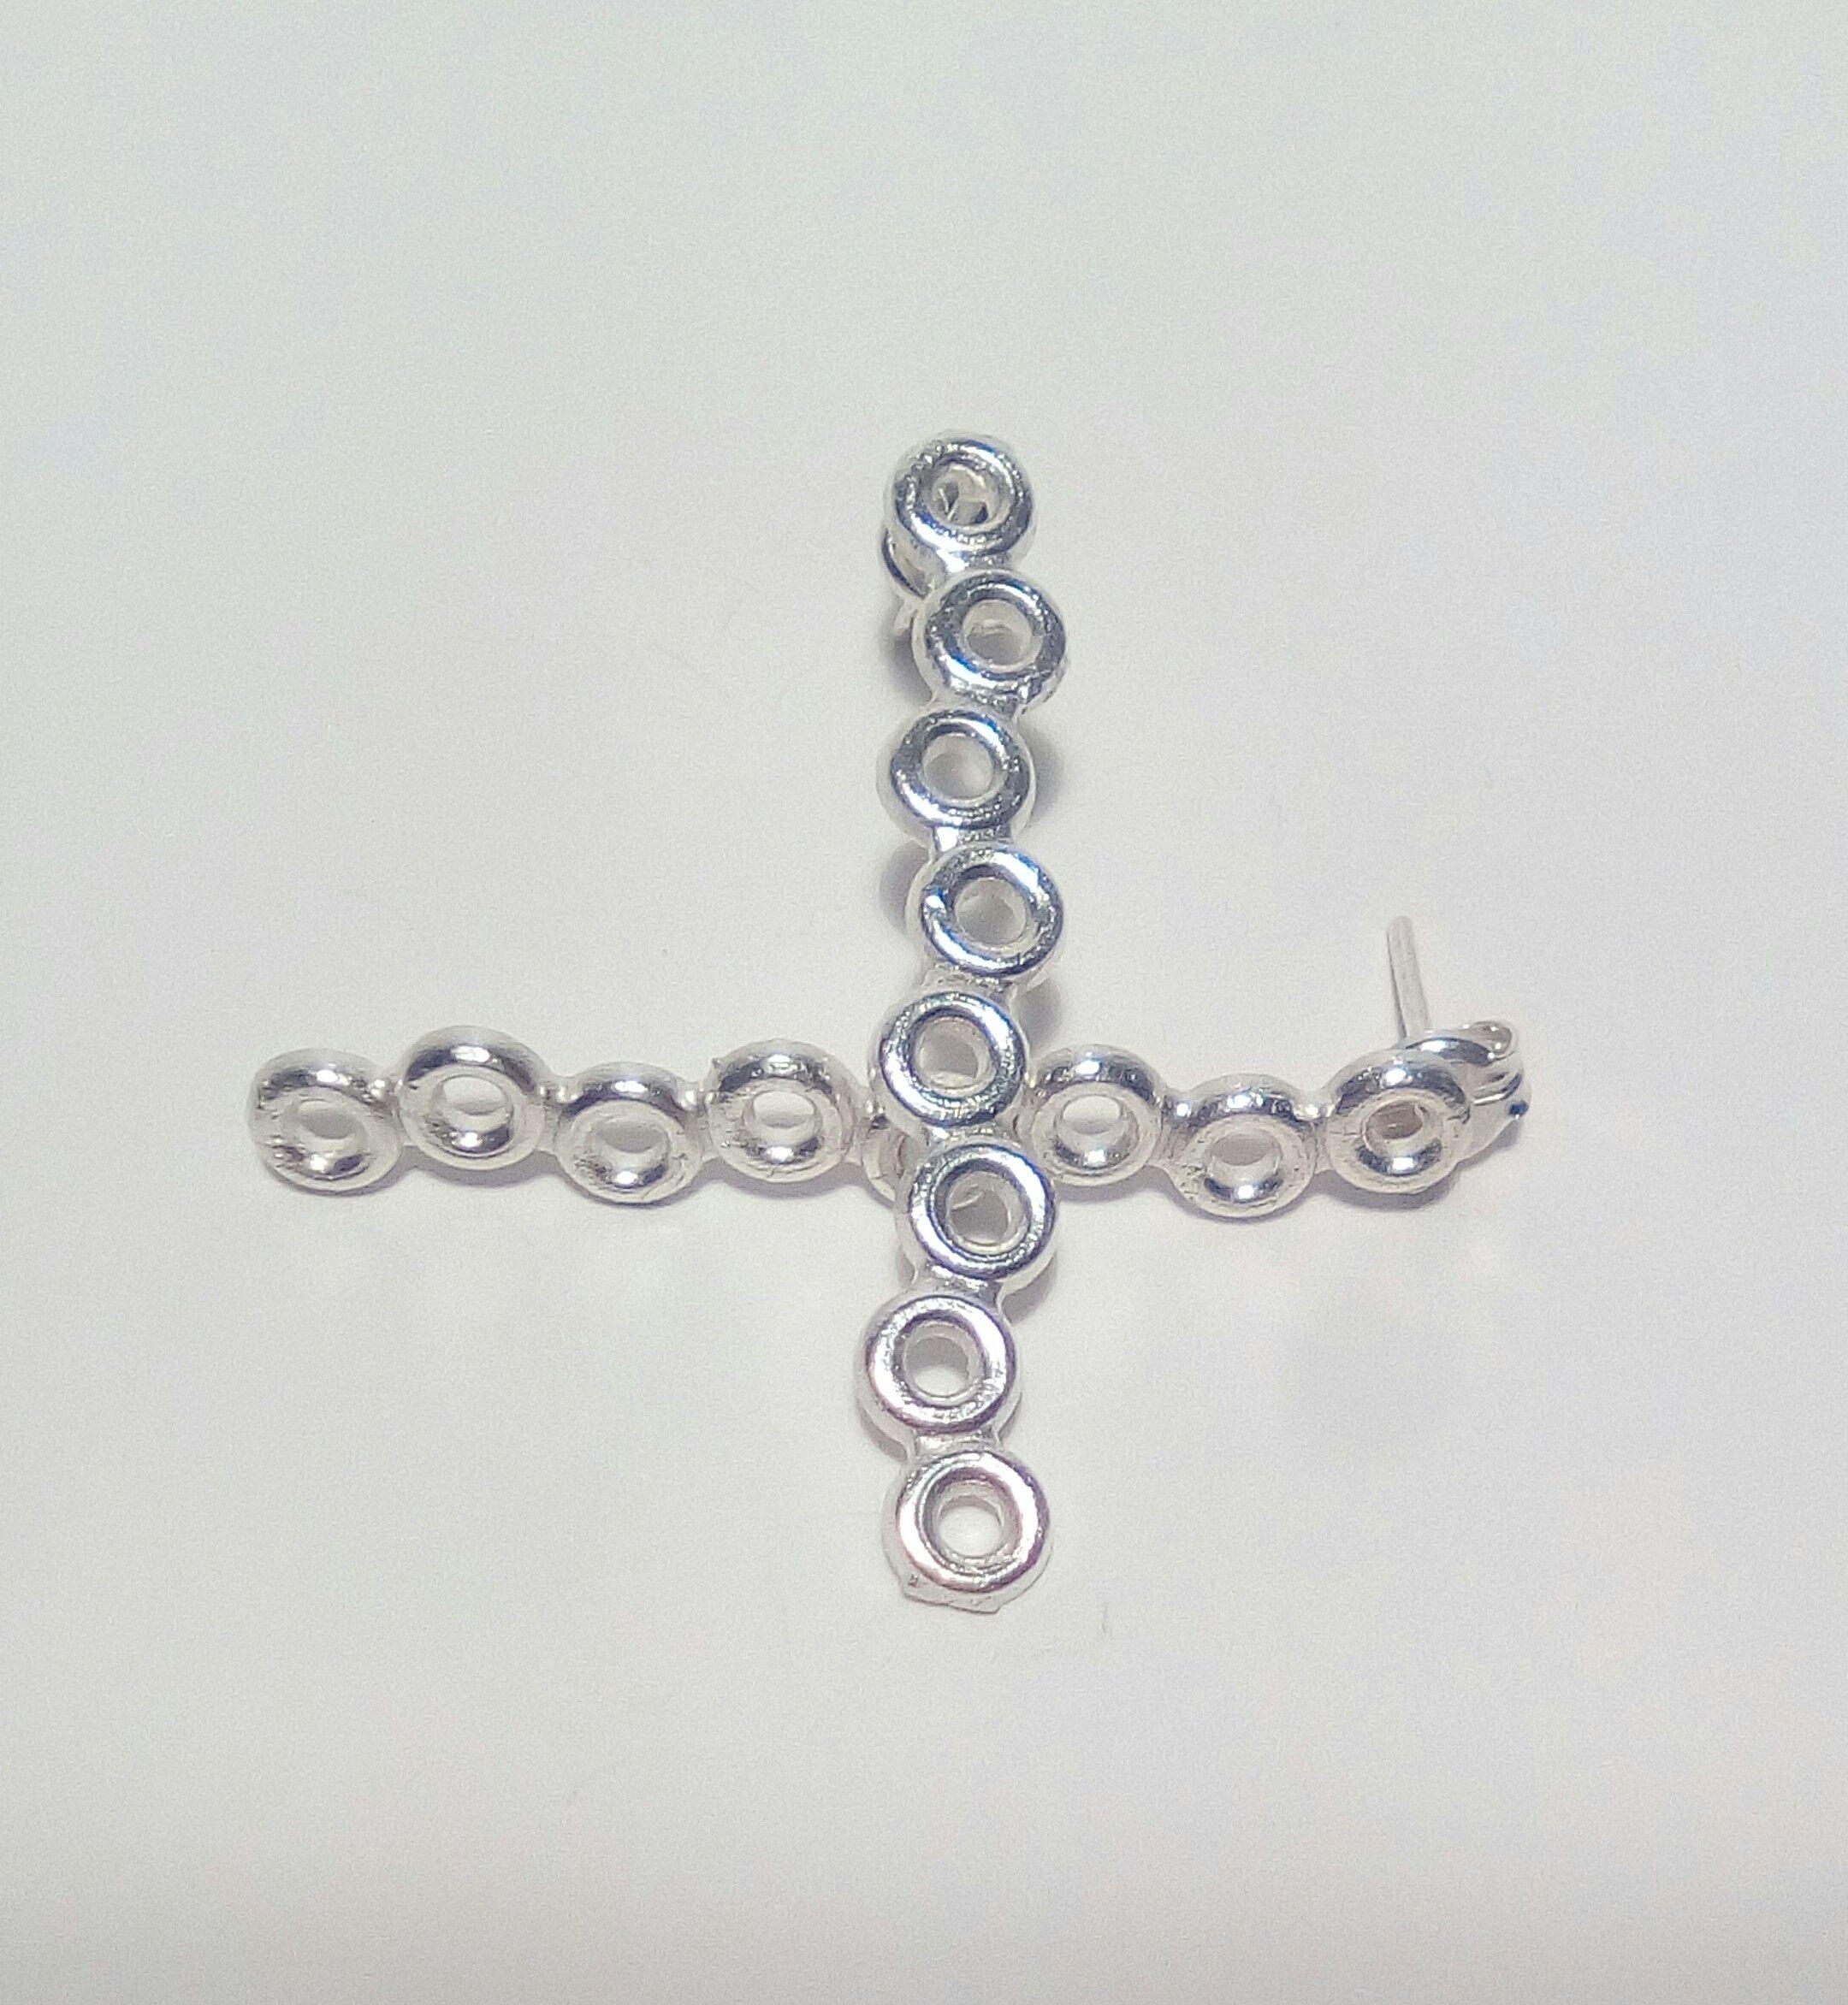 barearrings gift earrings jewelry